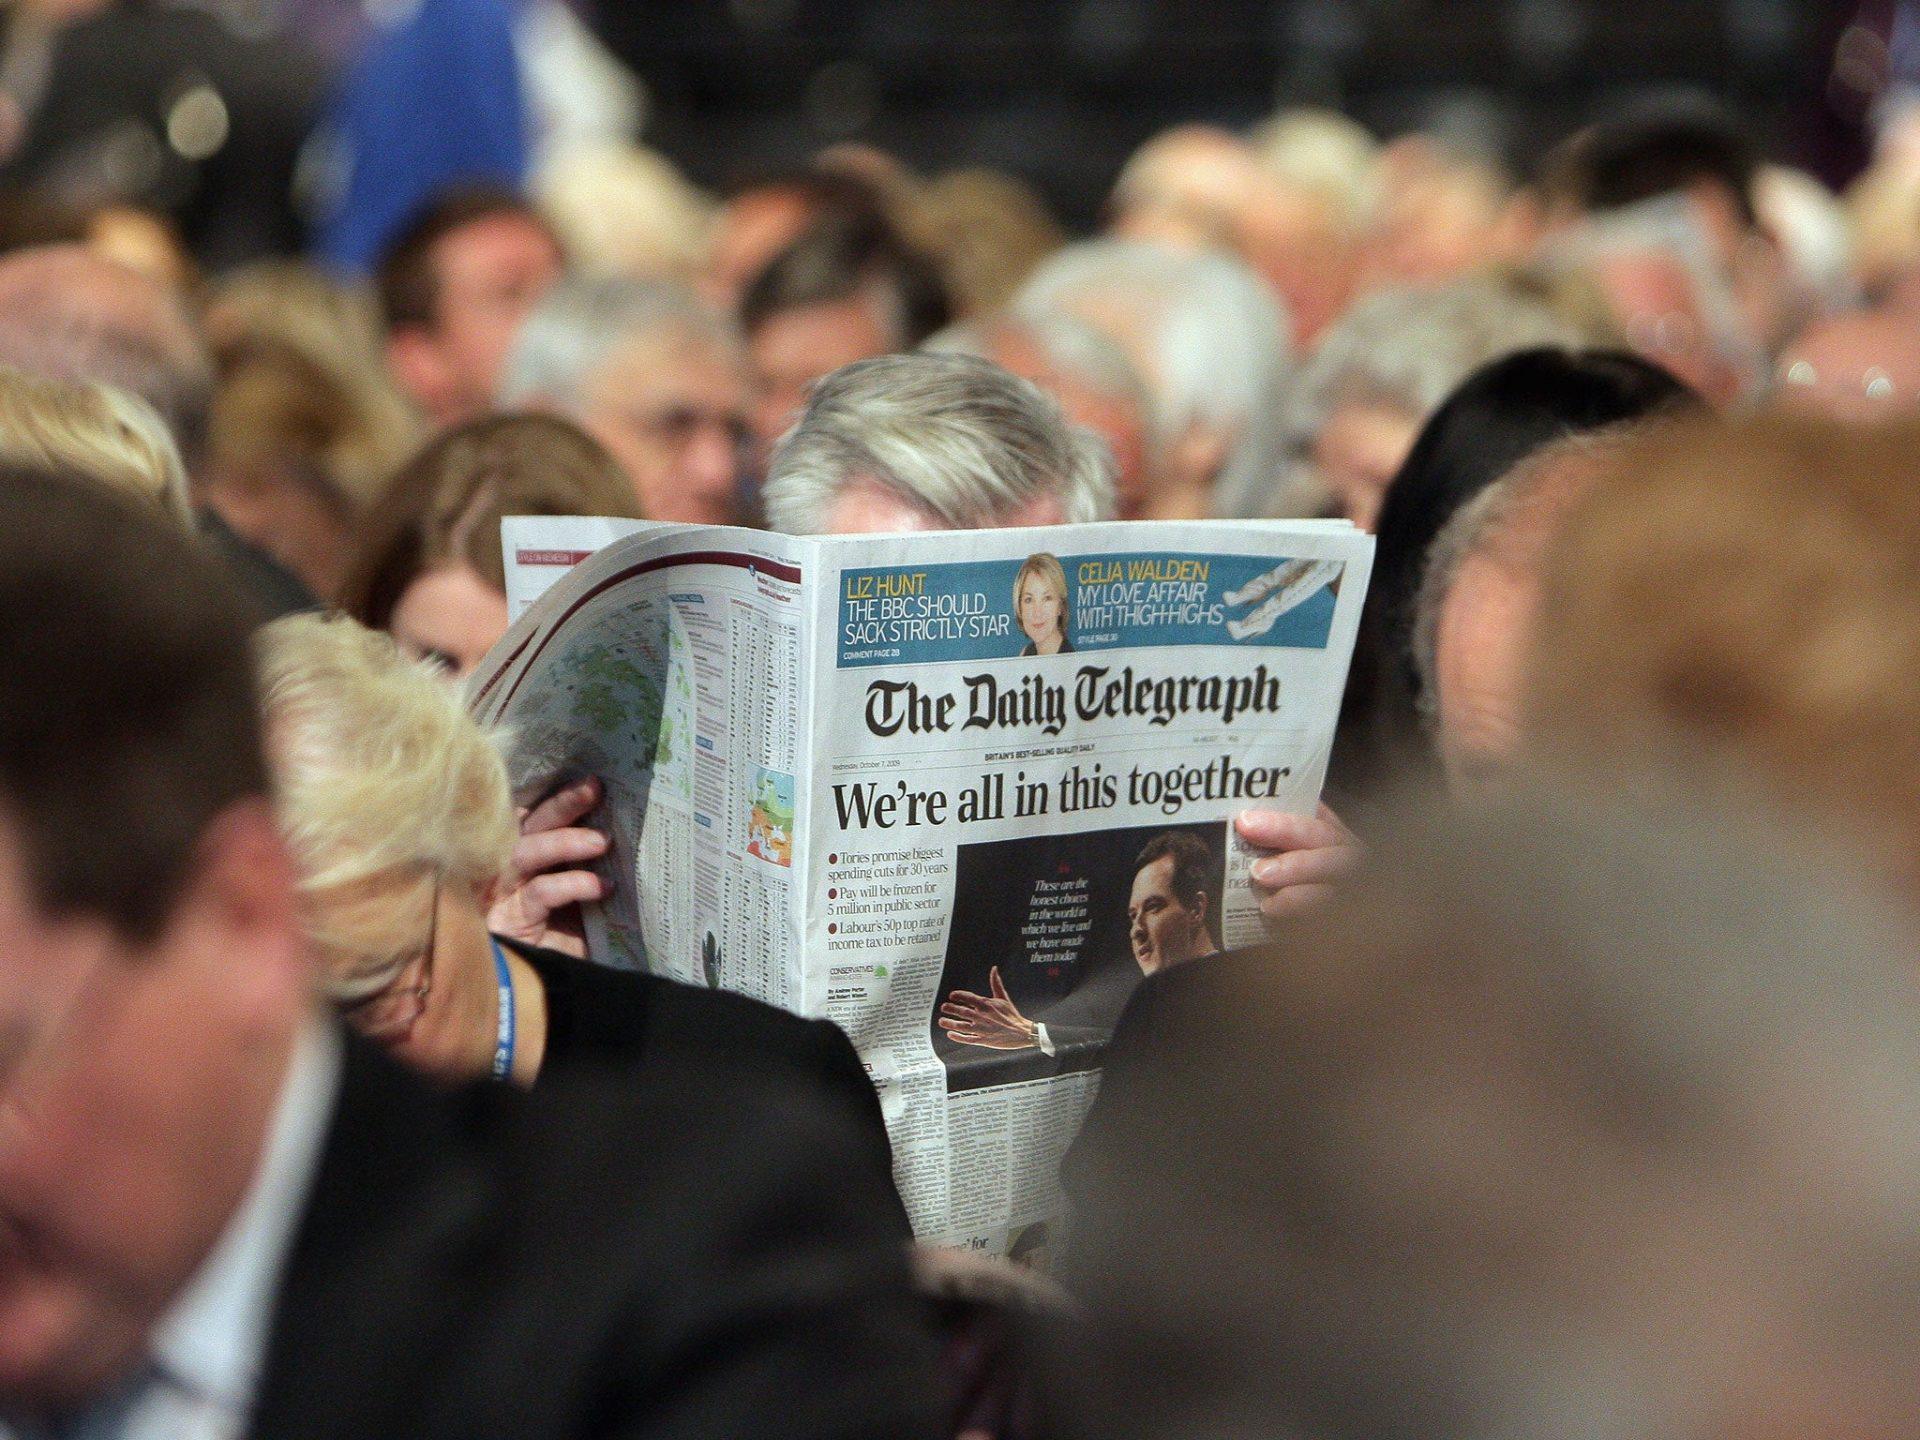 The Daily Telegraph a renunțat la secțiunea plătită de presa de stat chineză